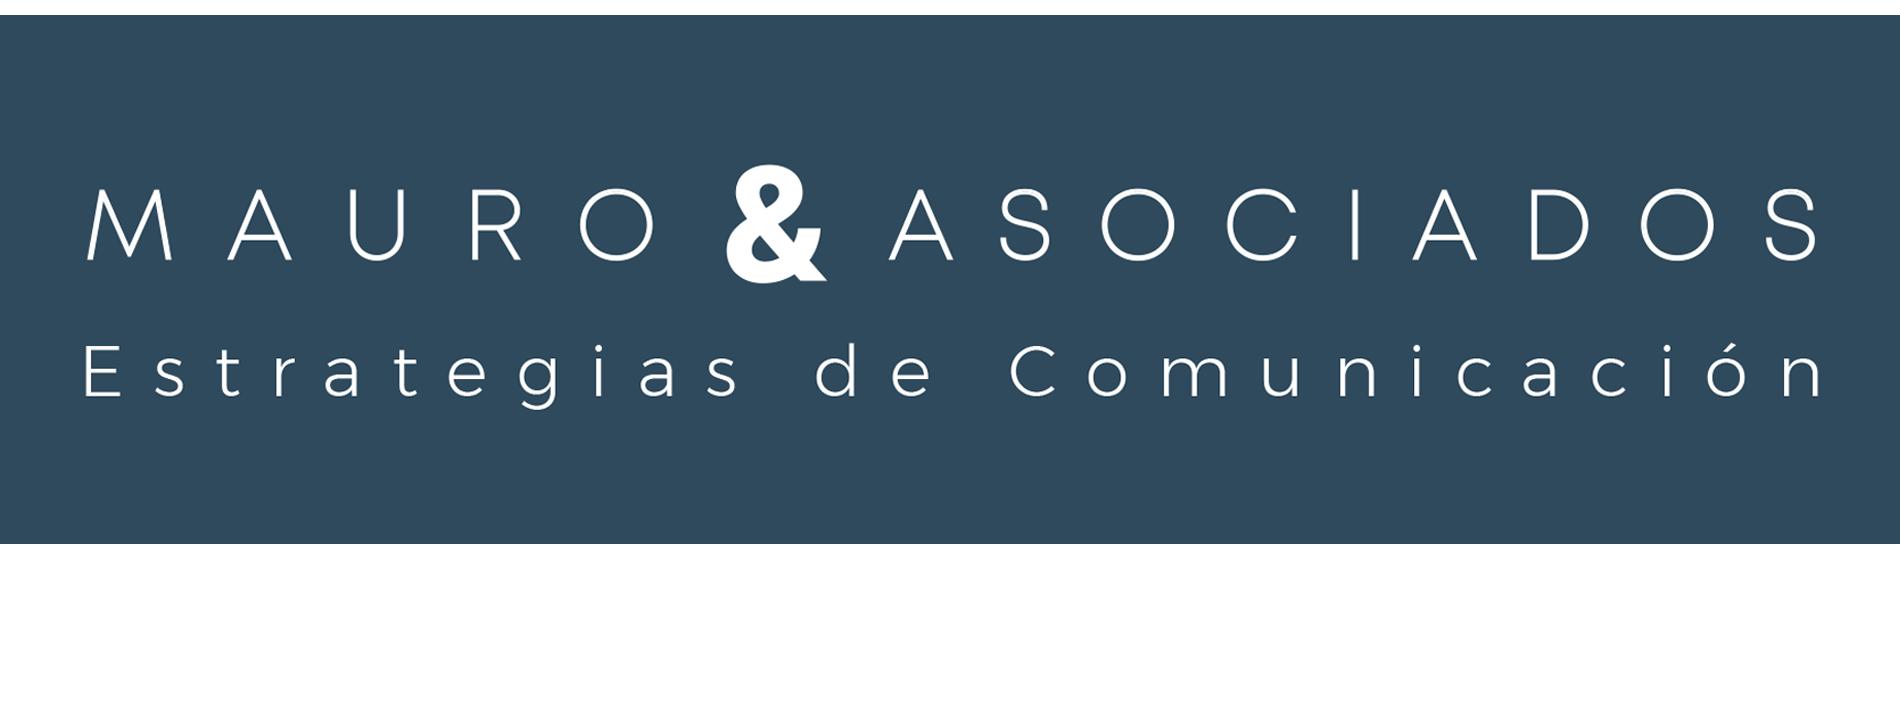 Mauro & Asociados